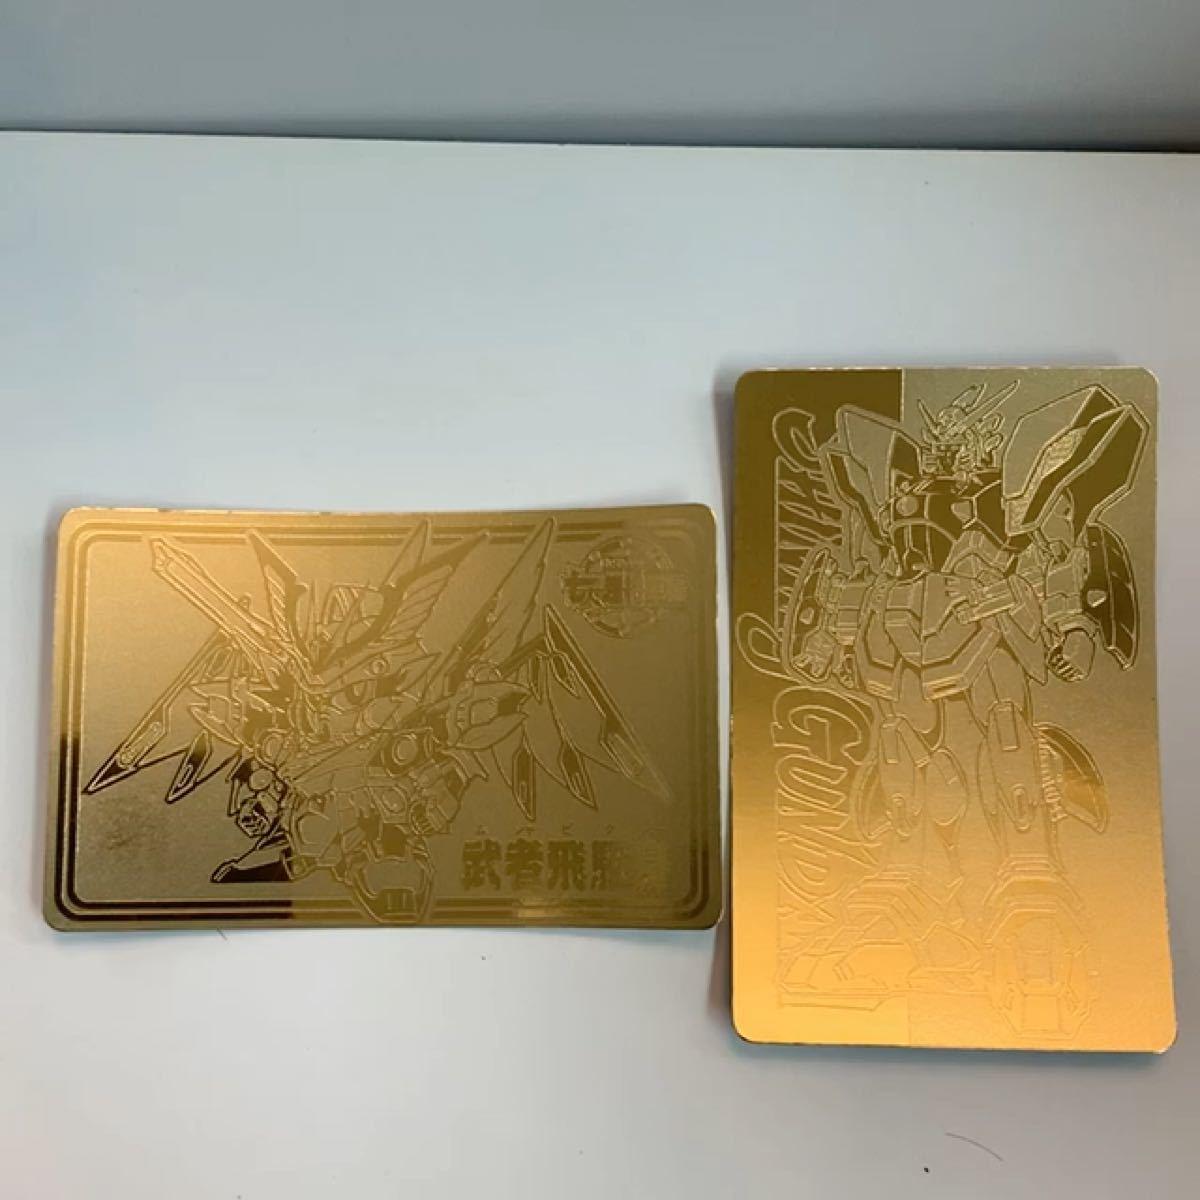 【非売品】当時物 Gガンダム SDガンダム シャイニングガンダム ムシャビクトリー 94サマーキャンペーン記念カード 2枚セット